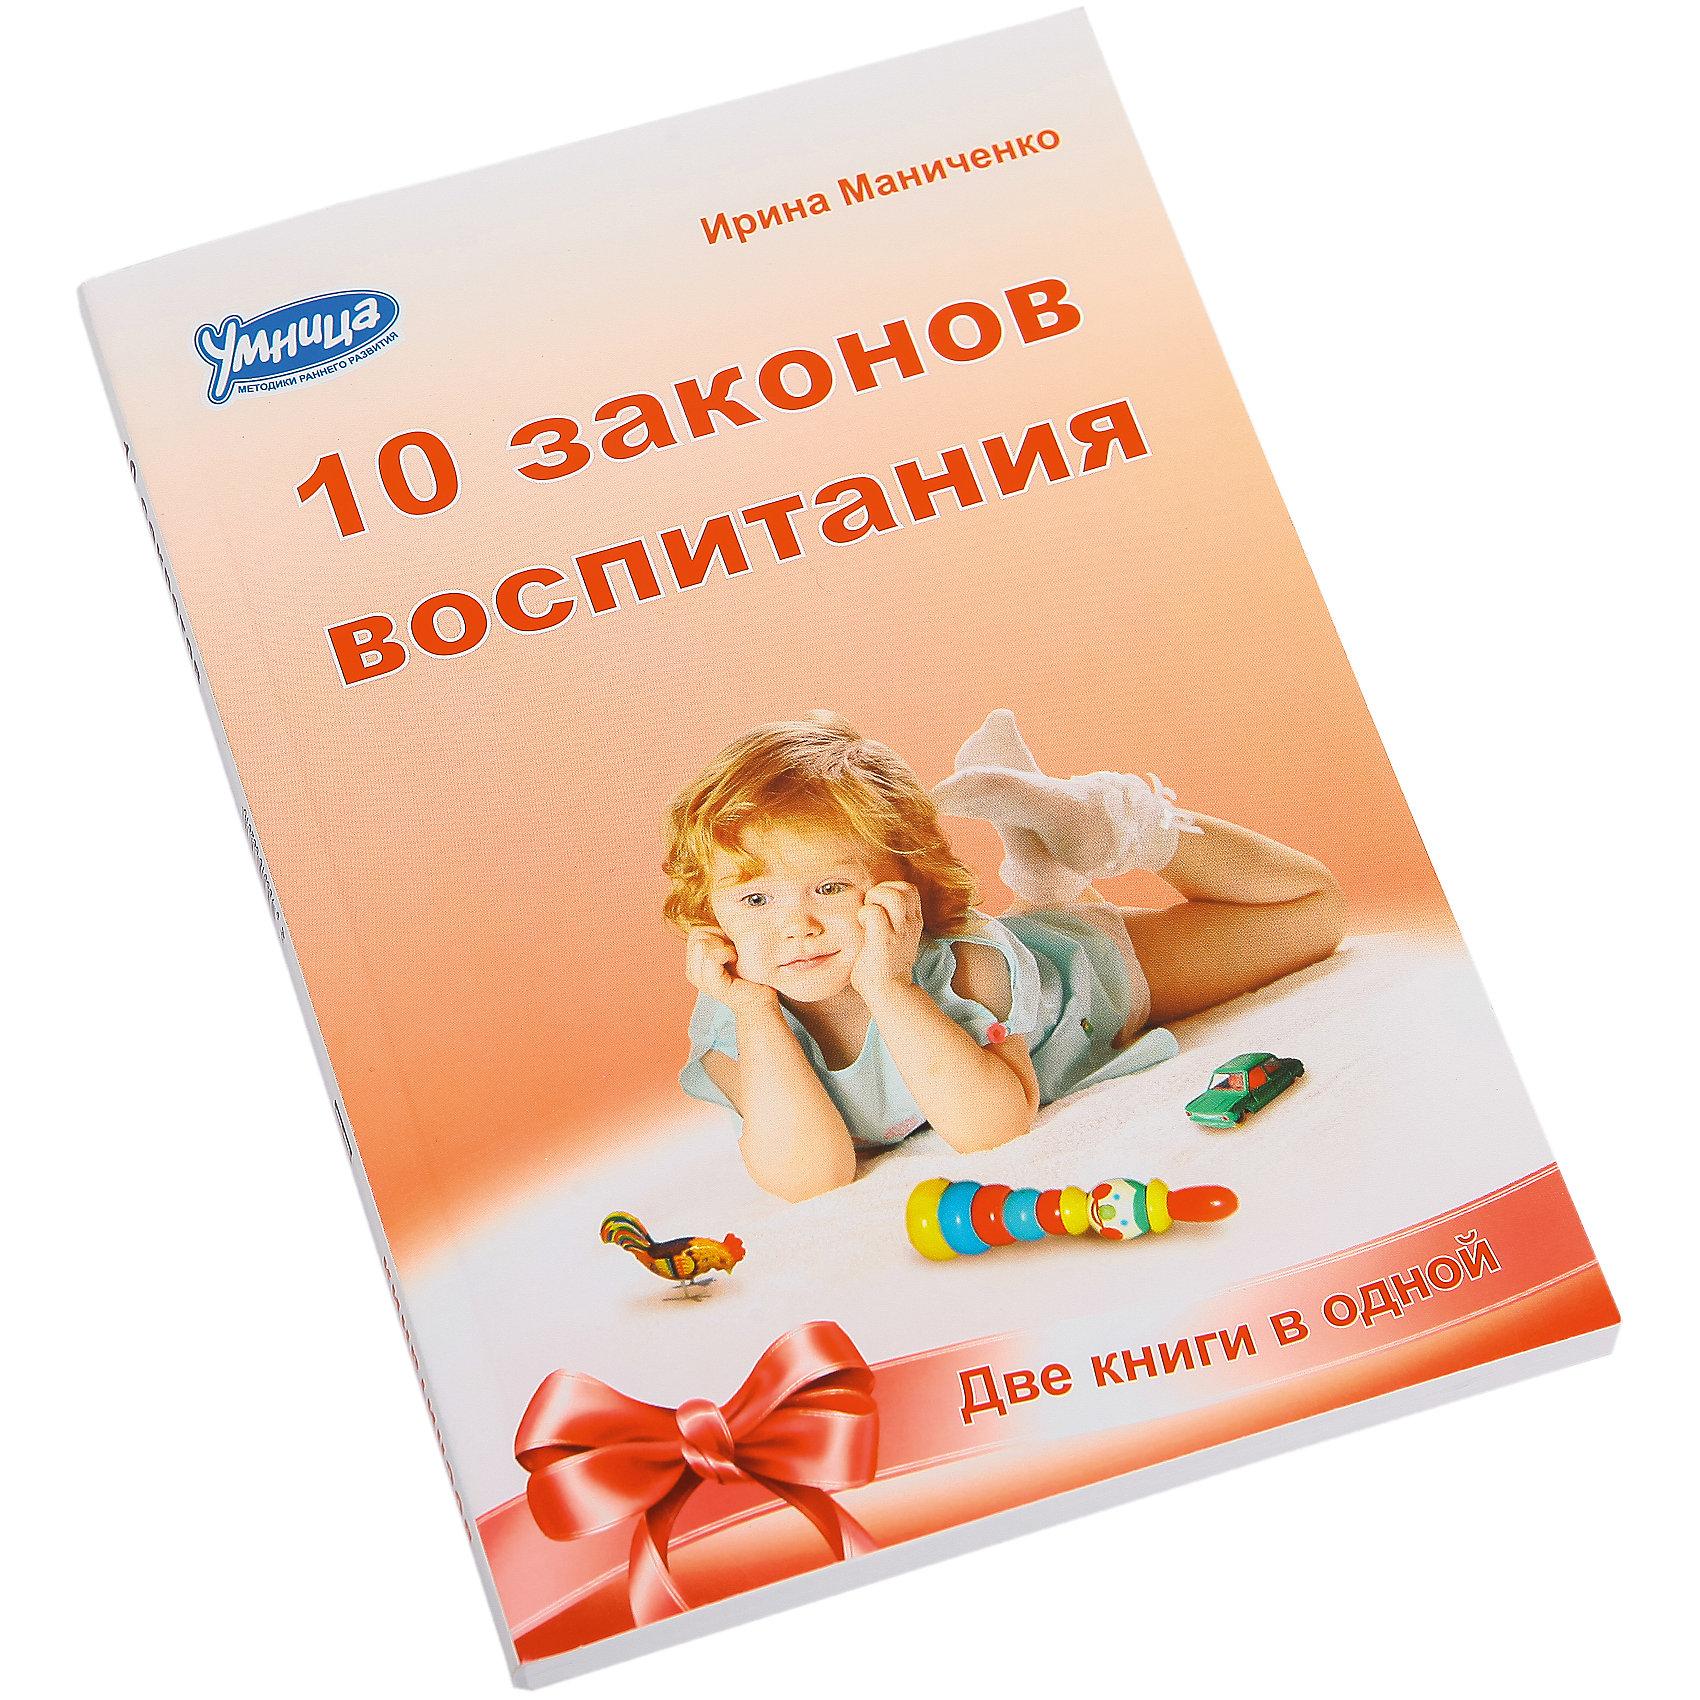 10 секретов воспитания и 10 законов воспитанияУмница<br>Характеристики:<br><br>• Вид игр: обучающие, развивающие<br>• Серия: книга для родителей<br>• Материал: картон, бумага<br>• Комплектация: 2 книги<br>• Автор: И. Маниченко<br>• Тип упаковки: картонная коробка<br>• Размеры упаковки (Д*Ш*В): 14,5*10,5*8 см<br>• Вес в упаковке: 90 г<br><br>Книга 10 секретов воспитания и 10 законов воспитания состоит из 2-х книжек. В центре внимания автора – приемы и методики правильного выстраивания процесса воспитания. Цель книги: научить родителей эффективно и легко формировать в ребенке нормы и правила поведения. Особое внимание уделяется проблемам и заблуждениям родительской общественности в вопросах воспитания. Основной материал подается в доступной форме, с четко структурированным текстом. <br><br>Книгу 10 секретов воспитания и 10 законов воспитания можно купить в нашем интернет-магазине.<br><br>Ширина мм: 145<br>Глубина мм: 105<br>Высота мм: 80<br>Вес г: 90<br>Возраст от месяцев: 36<br>Возраст до месяцев: 2147483647<br>Пол: Унисекс<br>Возраст: Детский<br>SKU: 5523186